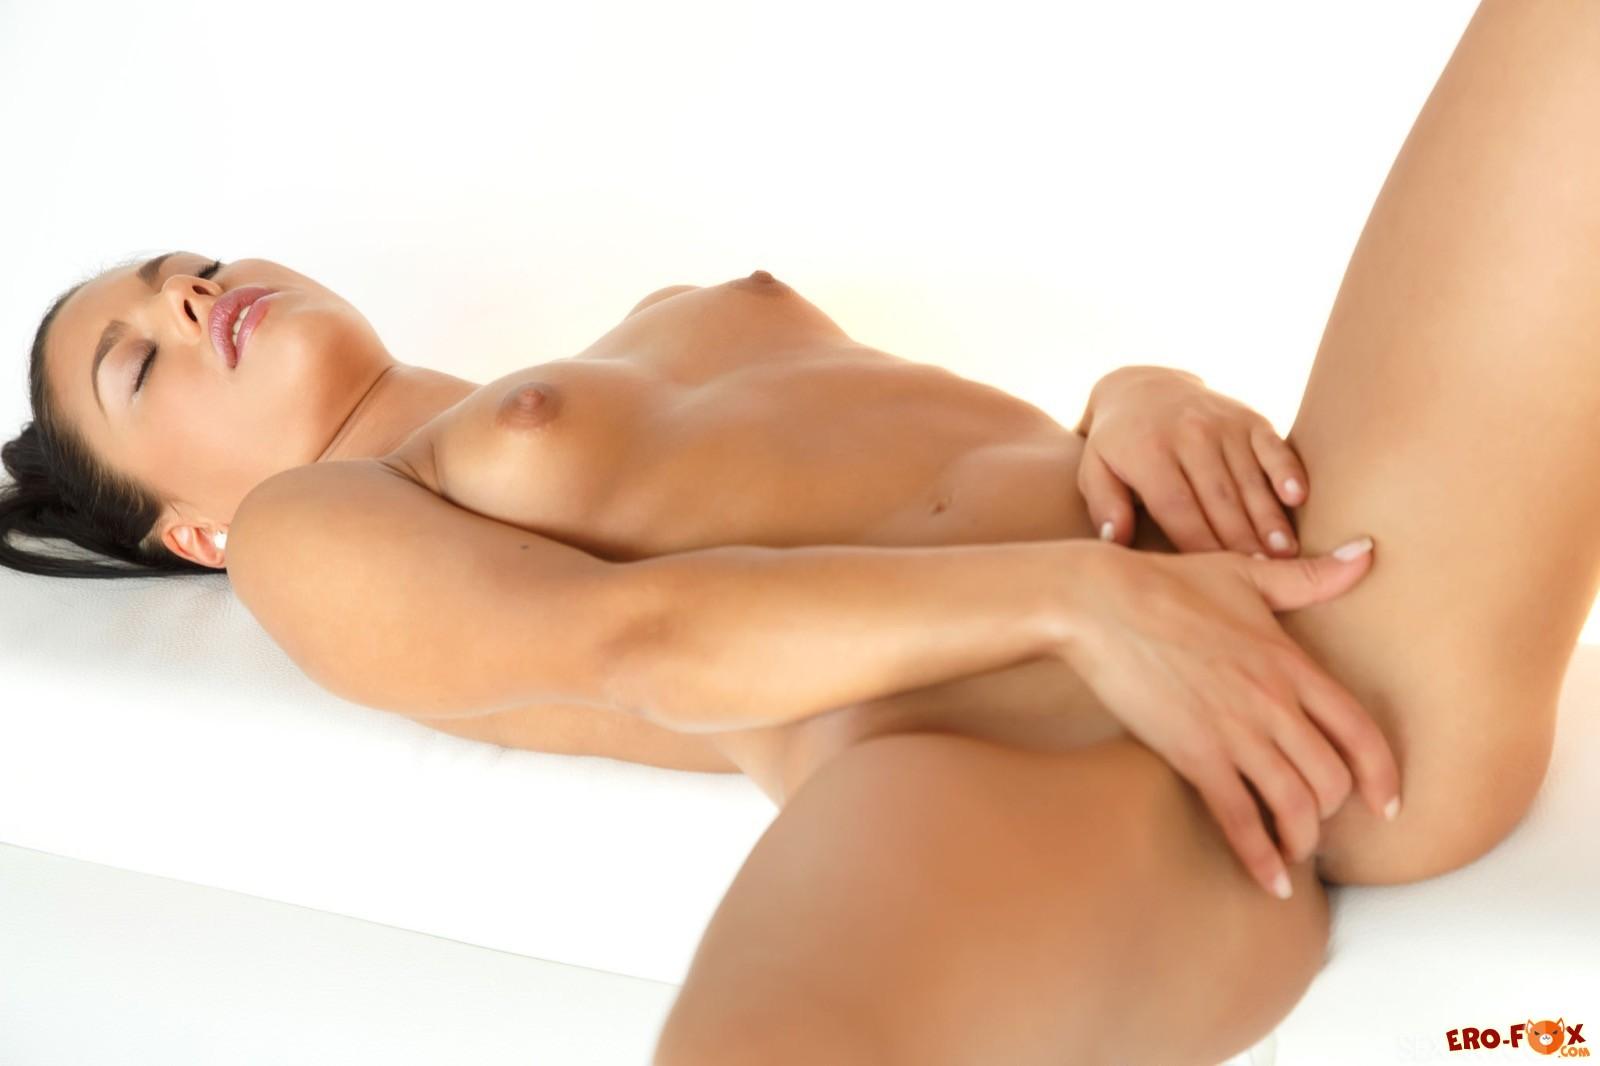 Эффектная брюнетка с красивыми гладкими дырками